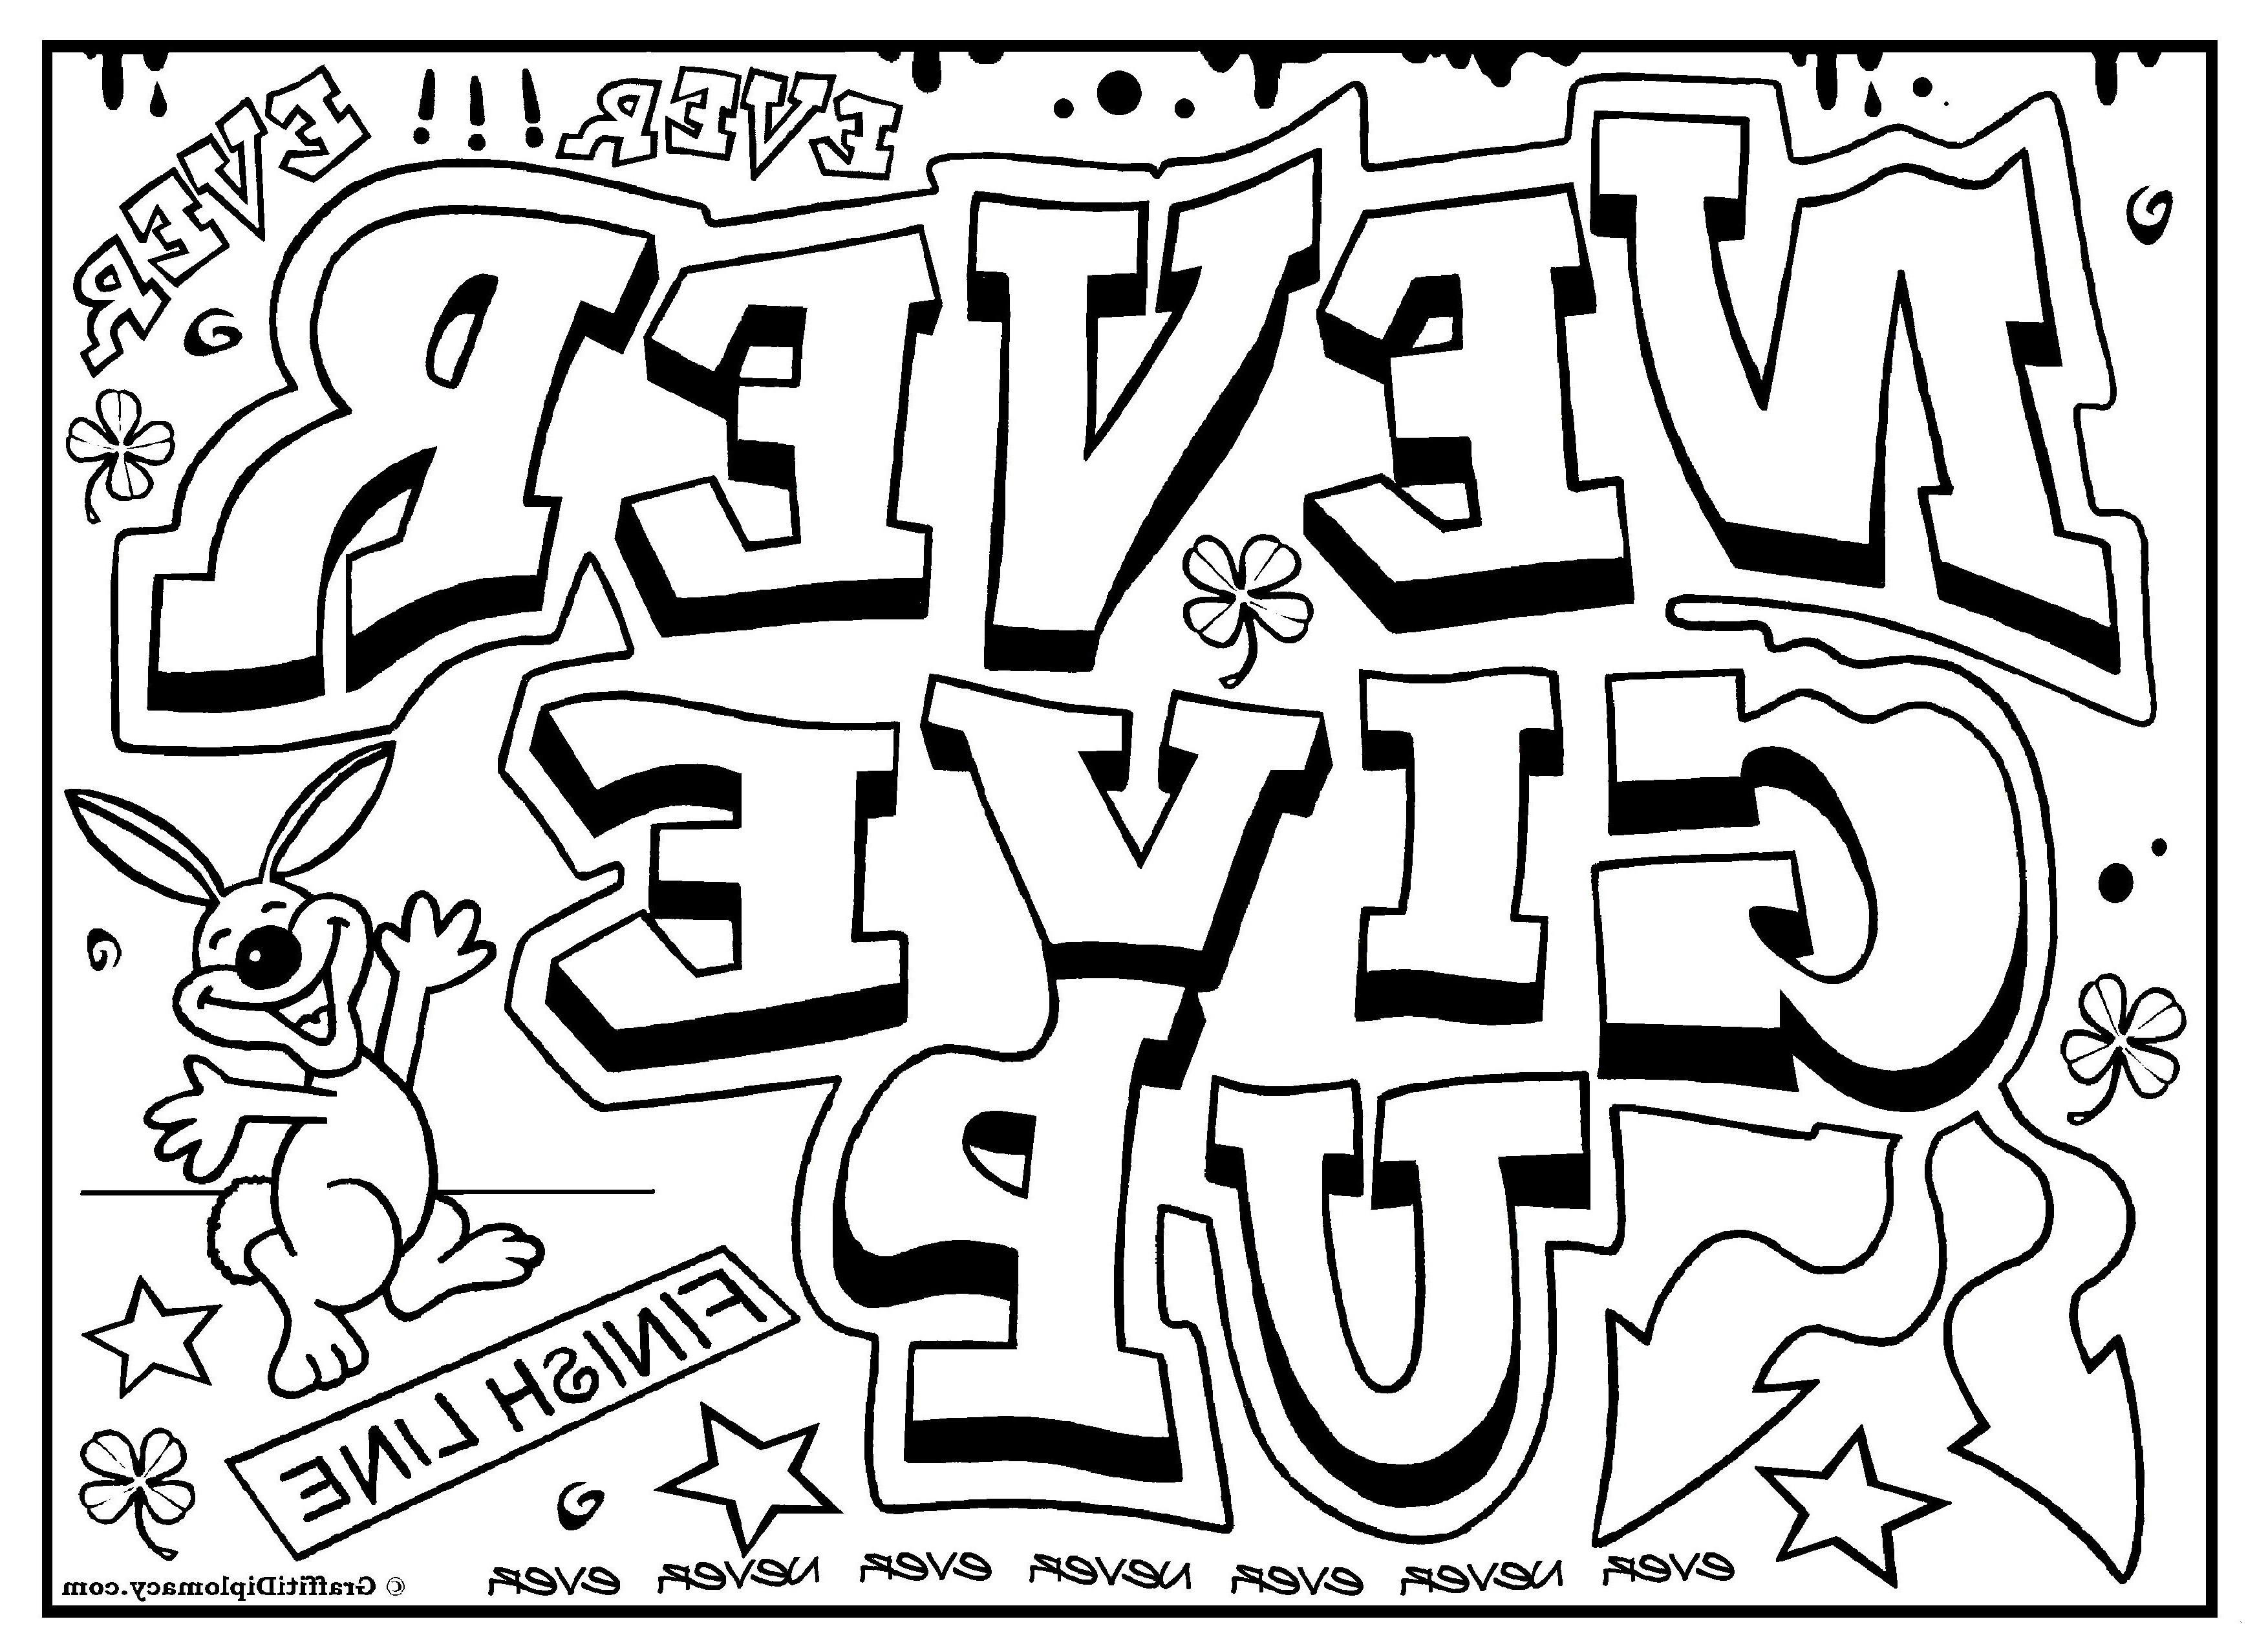 Coole Ausmalbilder Graffiti Einzigartig 40 Fantastisch Coole Ausmalbilder Graffiti – Große Coloring Page Fotos